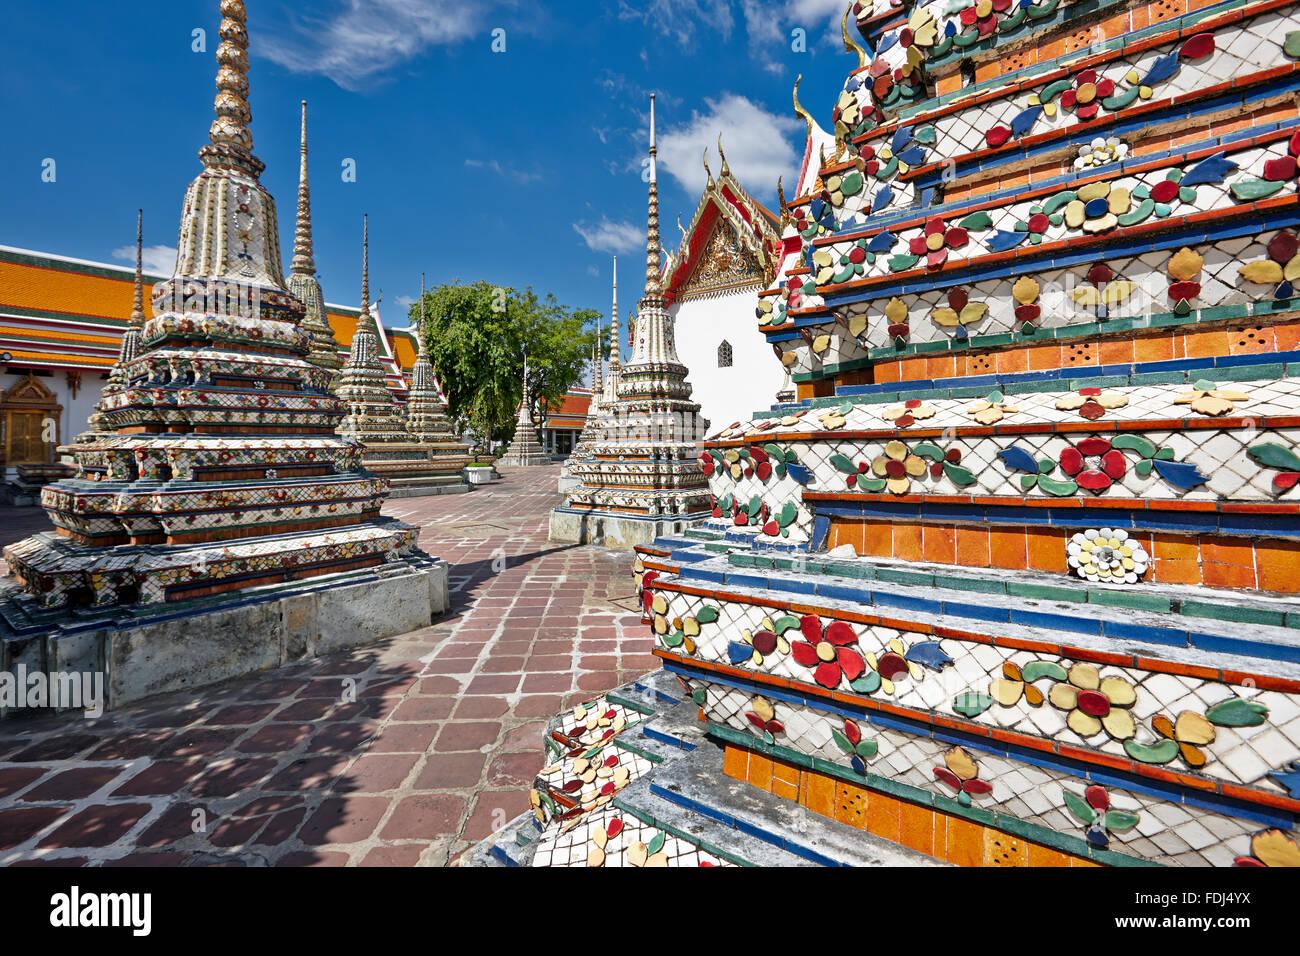 Les pagodes de la Temple de Wat Pho à Bangkok, Thaïlande. Photo Stock